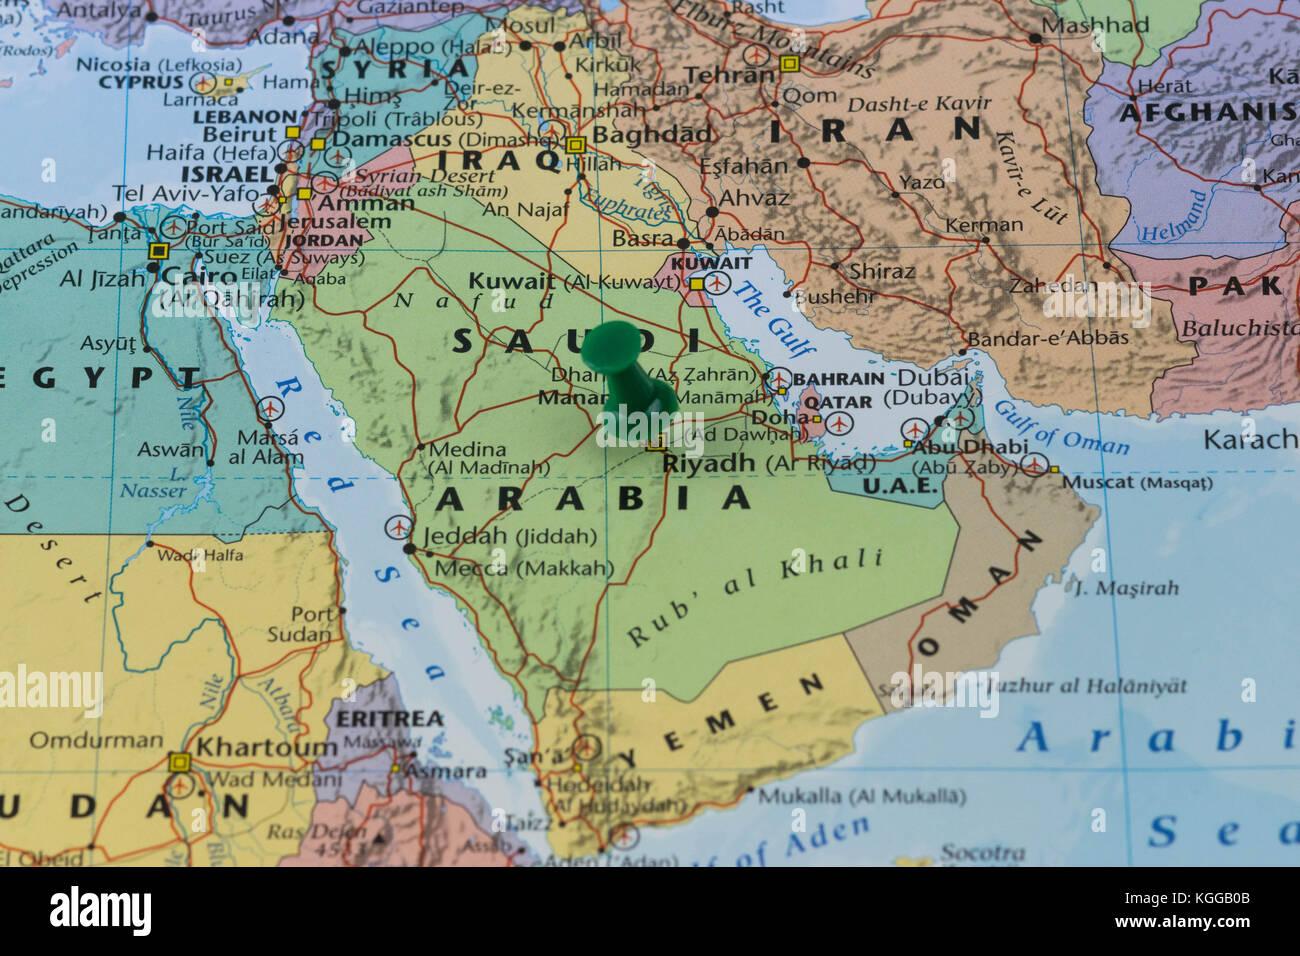 Riyad épinglée sur une carte de l'Arabie saoudite avec une broche verte, couleur de l'arabie drapeau. Photo Stock